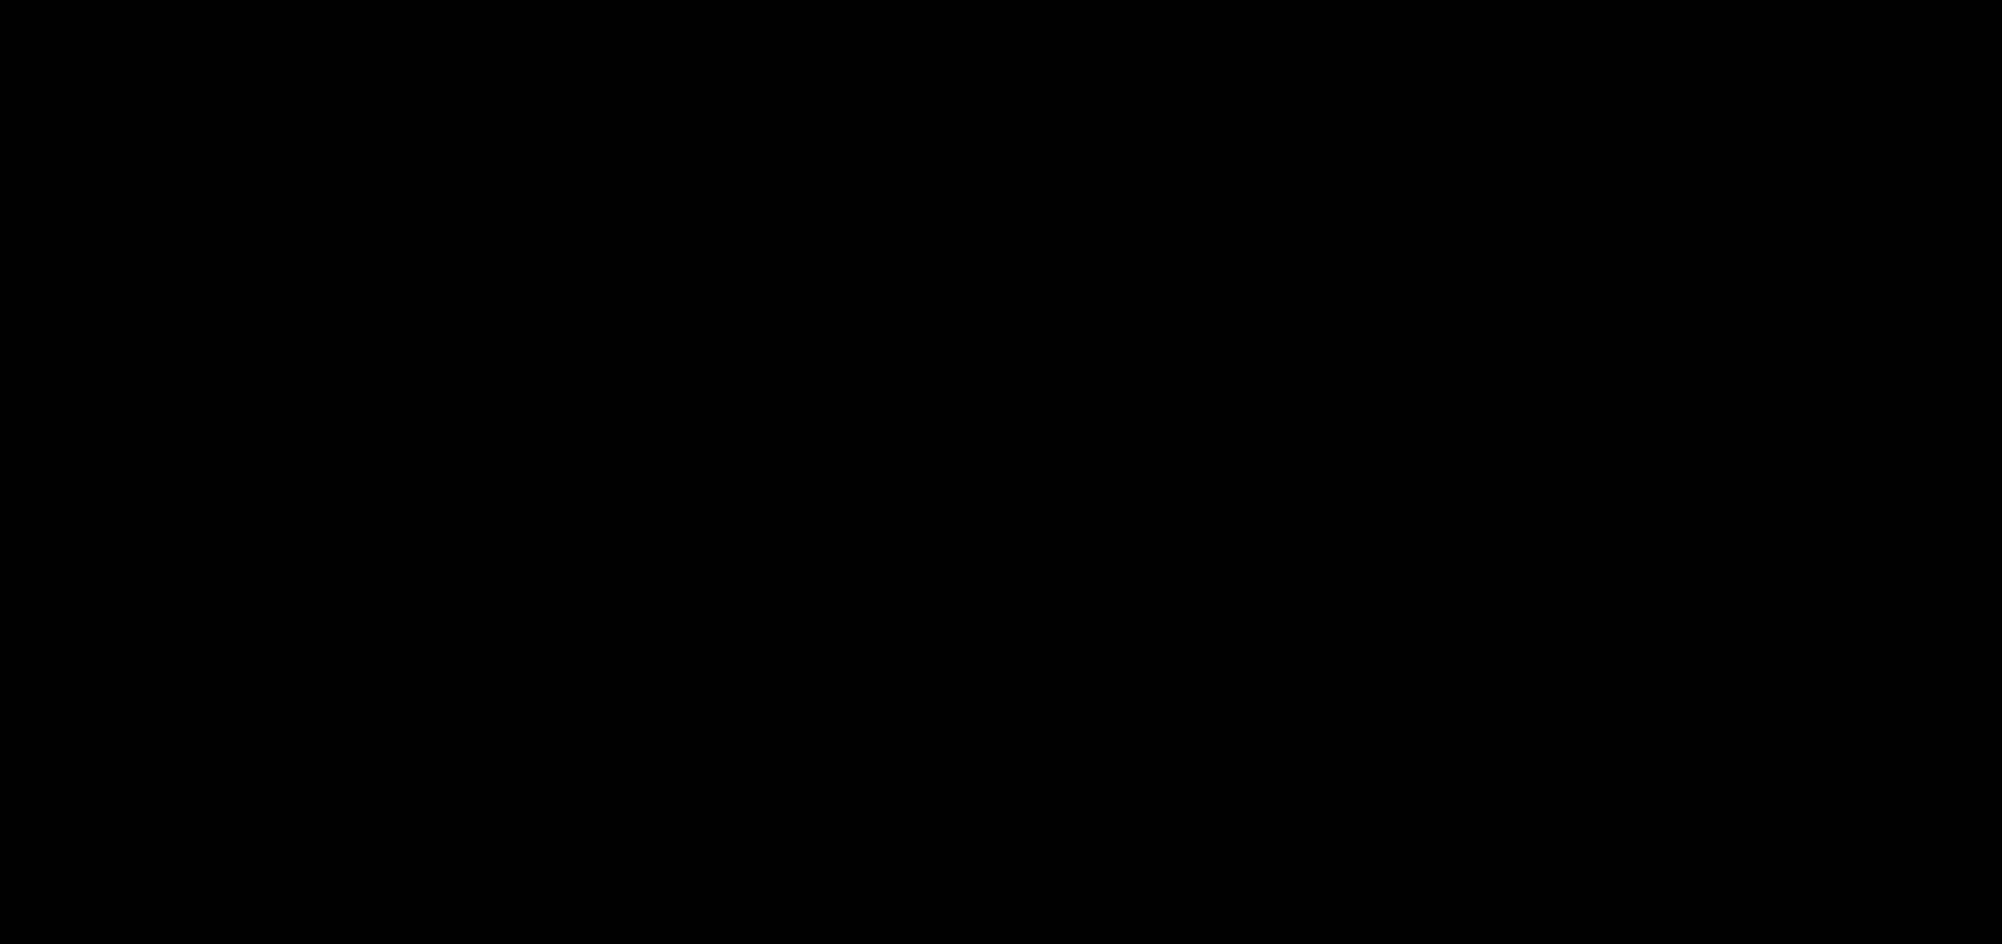 lindholmen-science-park-negativ